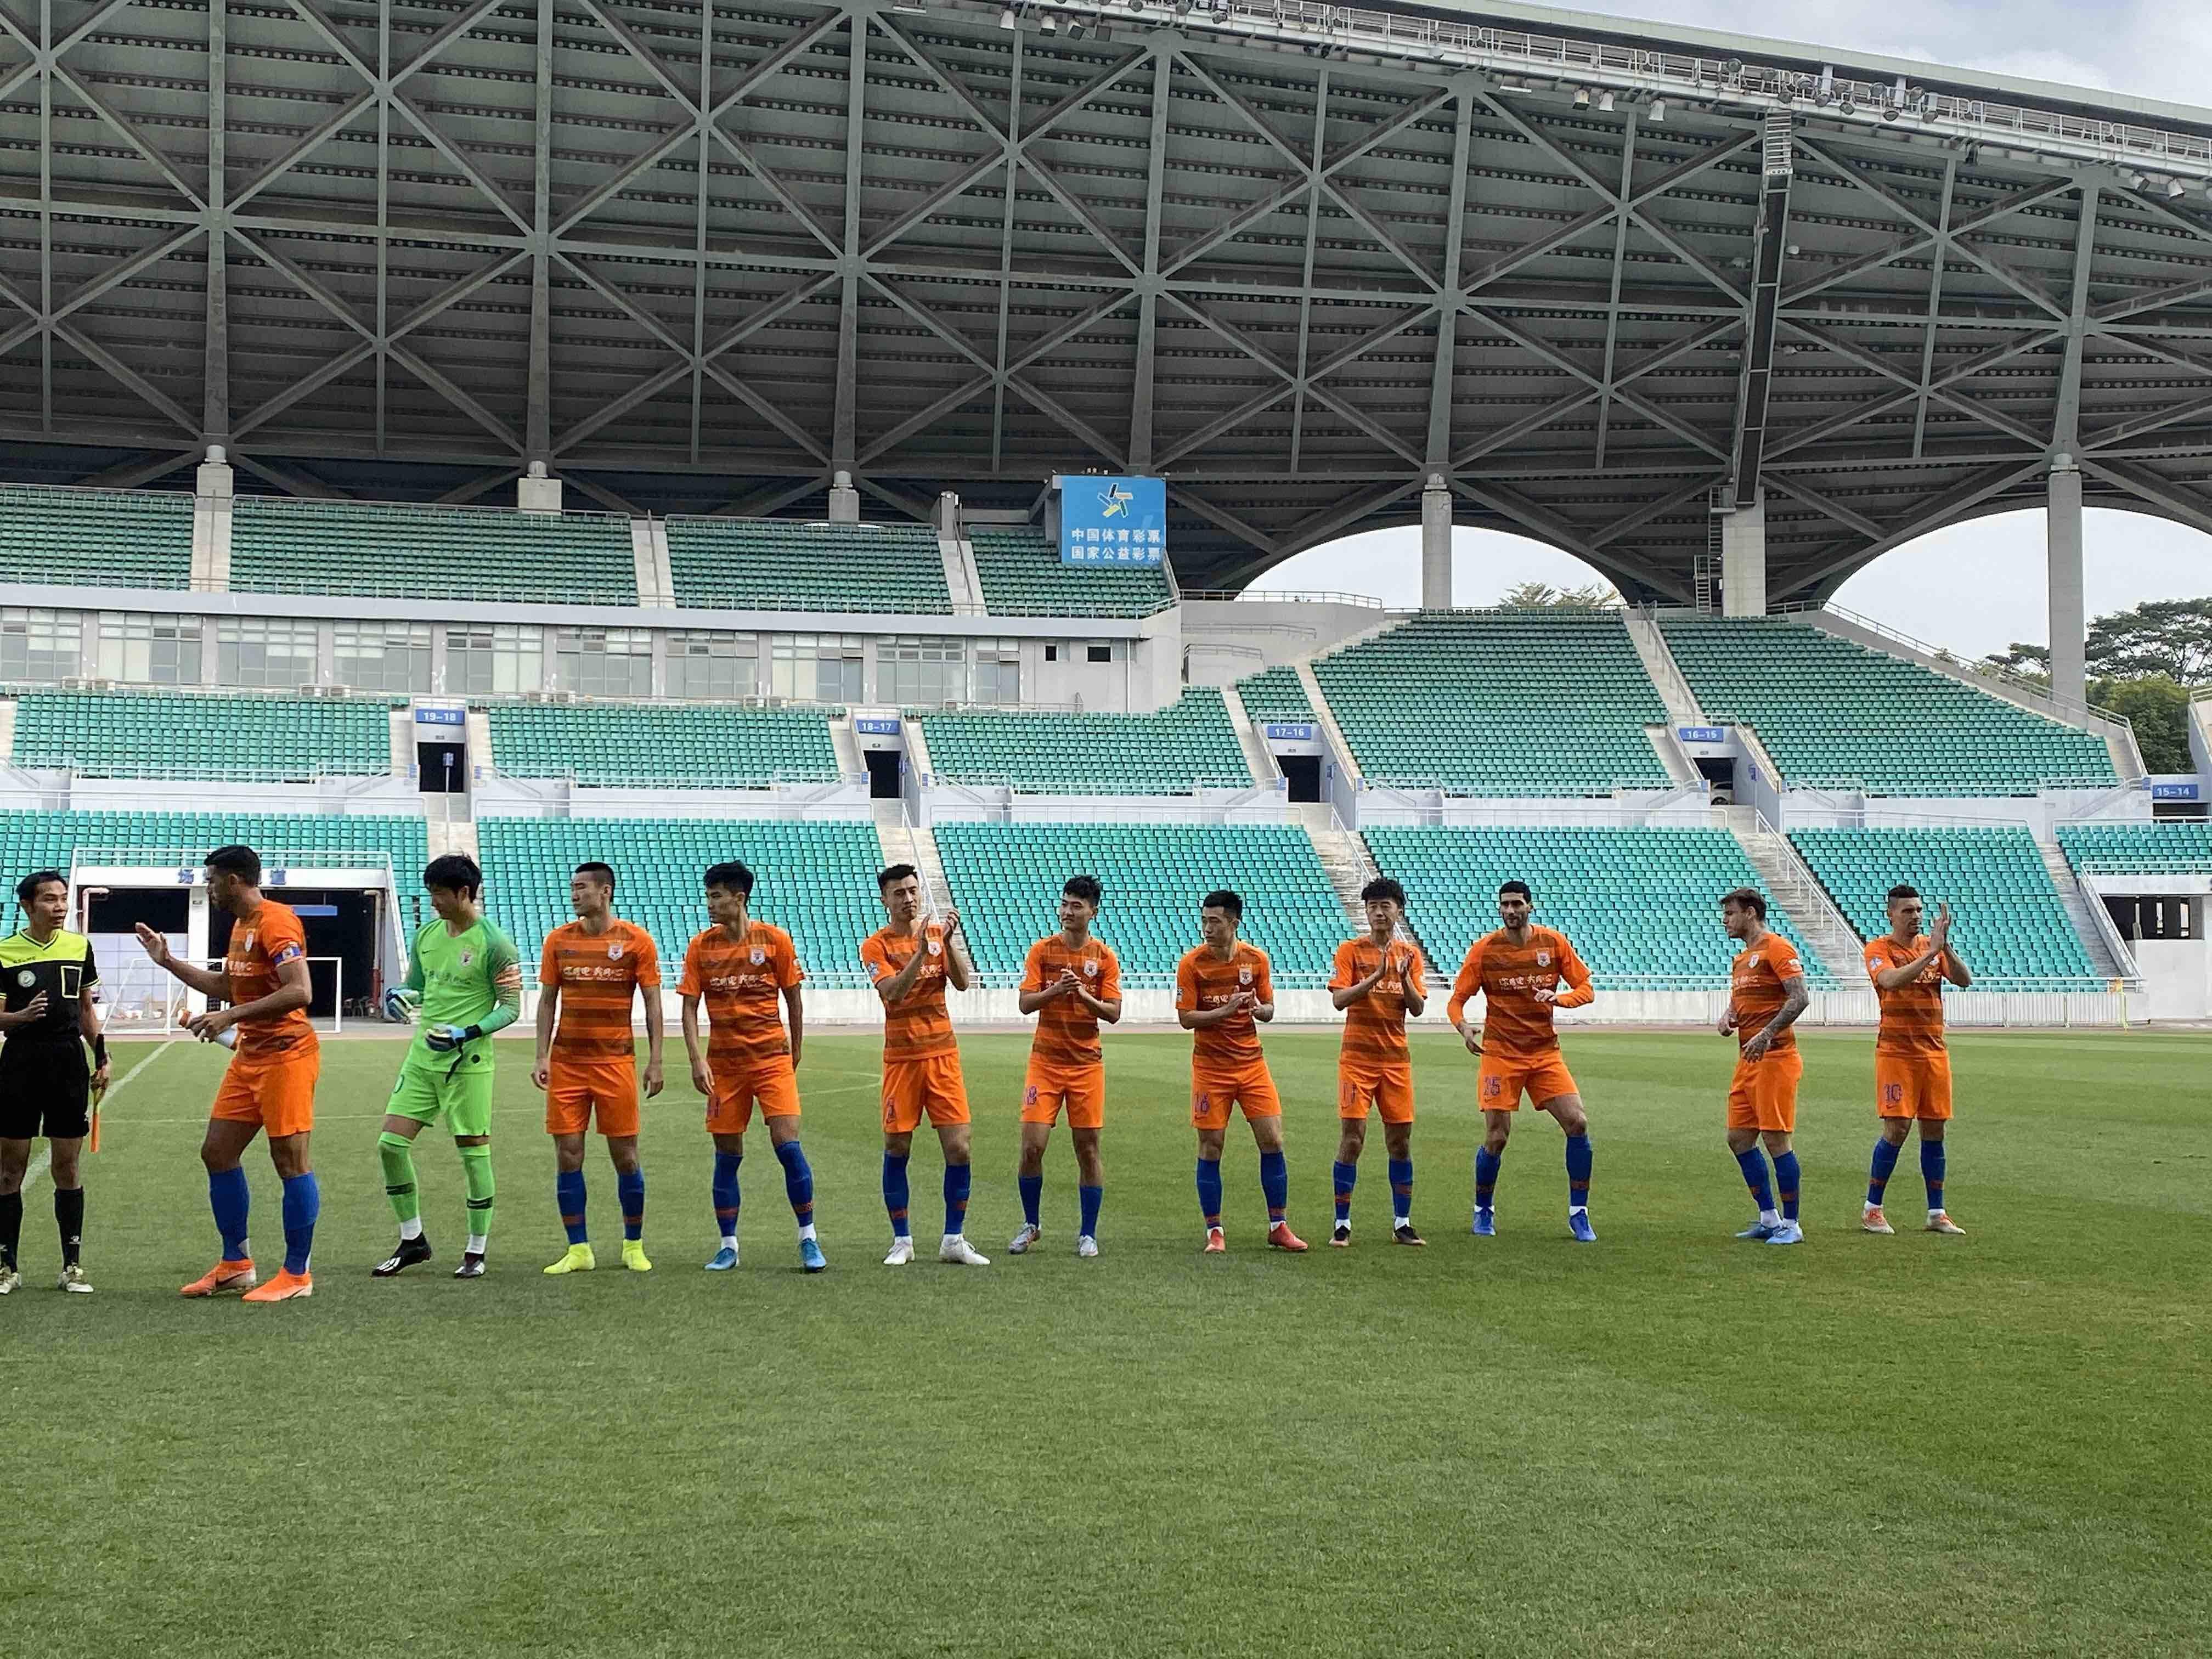 半场战报:佩莱、刘超阳建功 鲁能2-0呼和浩特暂时领先